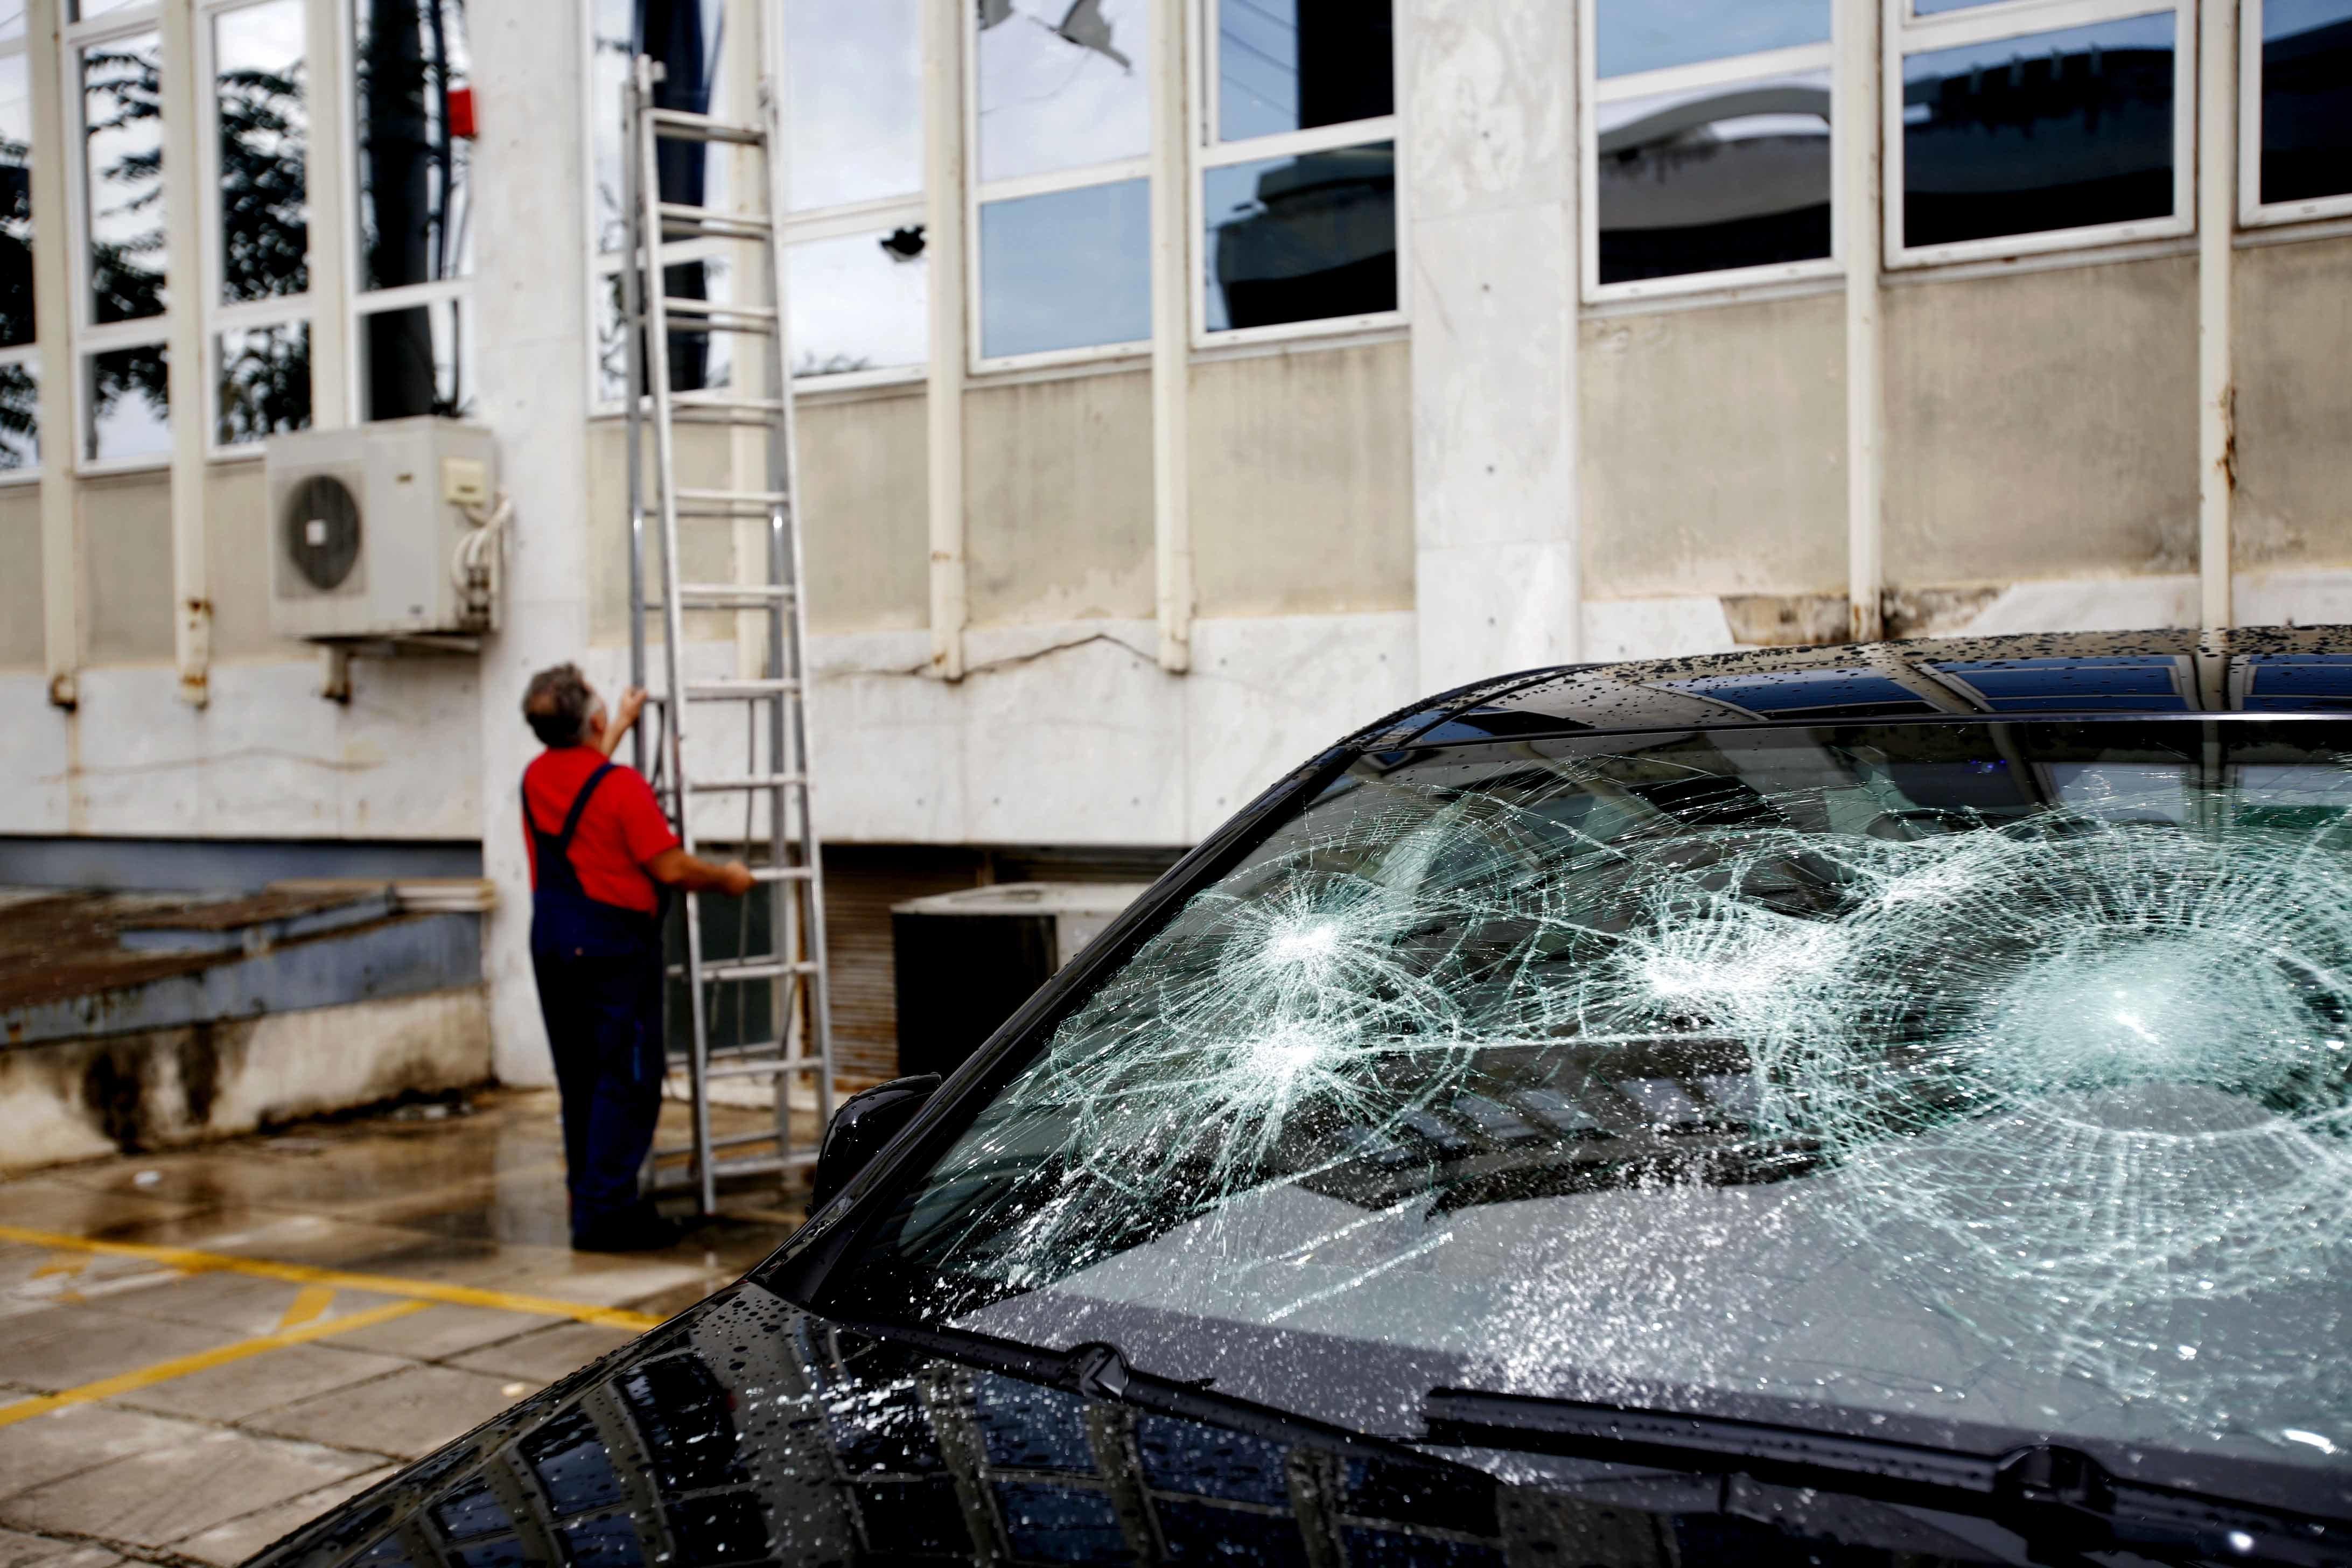 Άγνωστοι προκάλεσαν φθορές σε καταστήματα και αυτοκίνητα στην Καλαμαριά